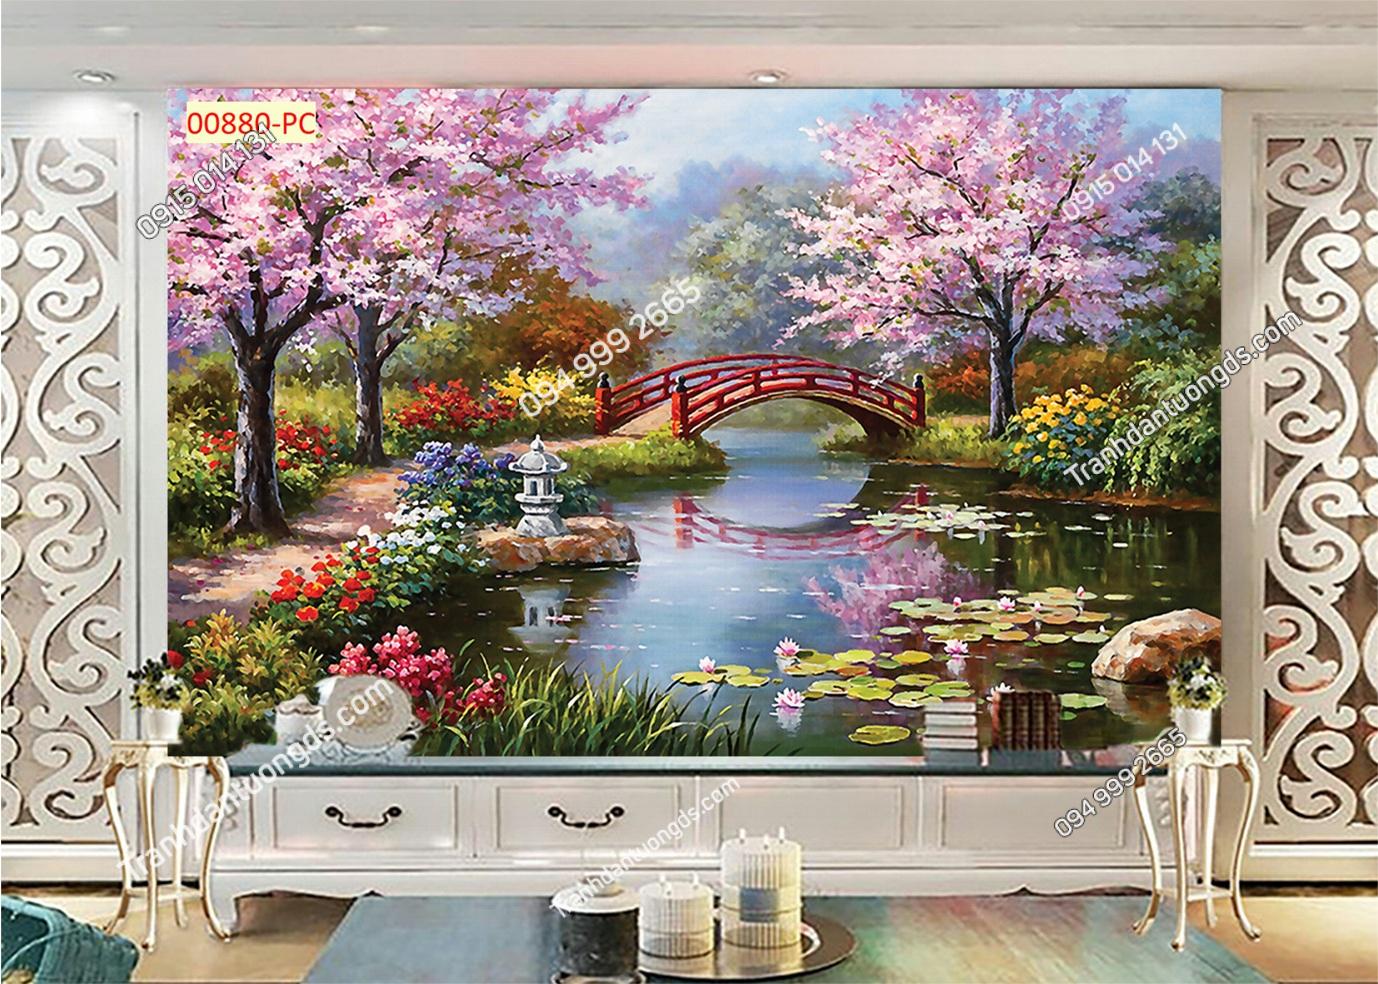 Tranh hoa anh đào Nhật bản 00880